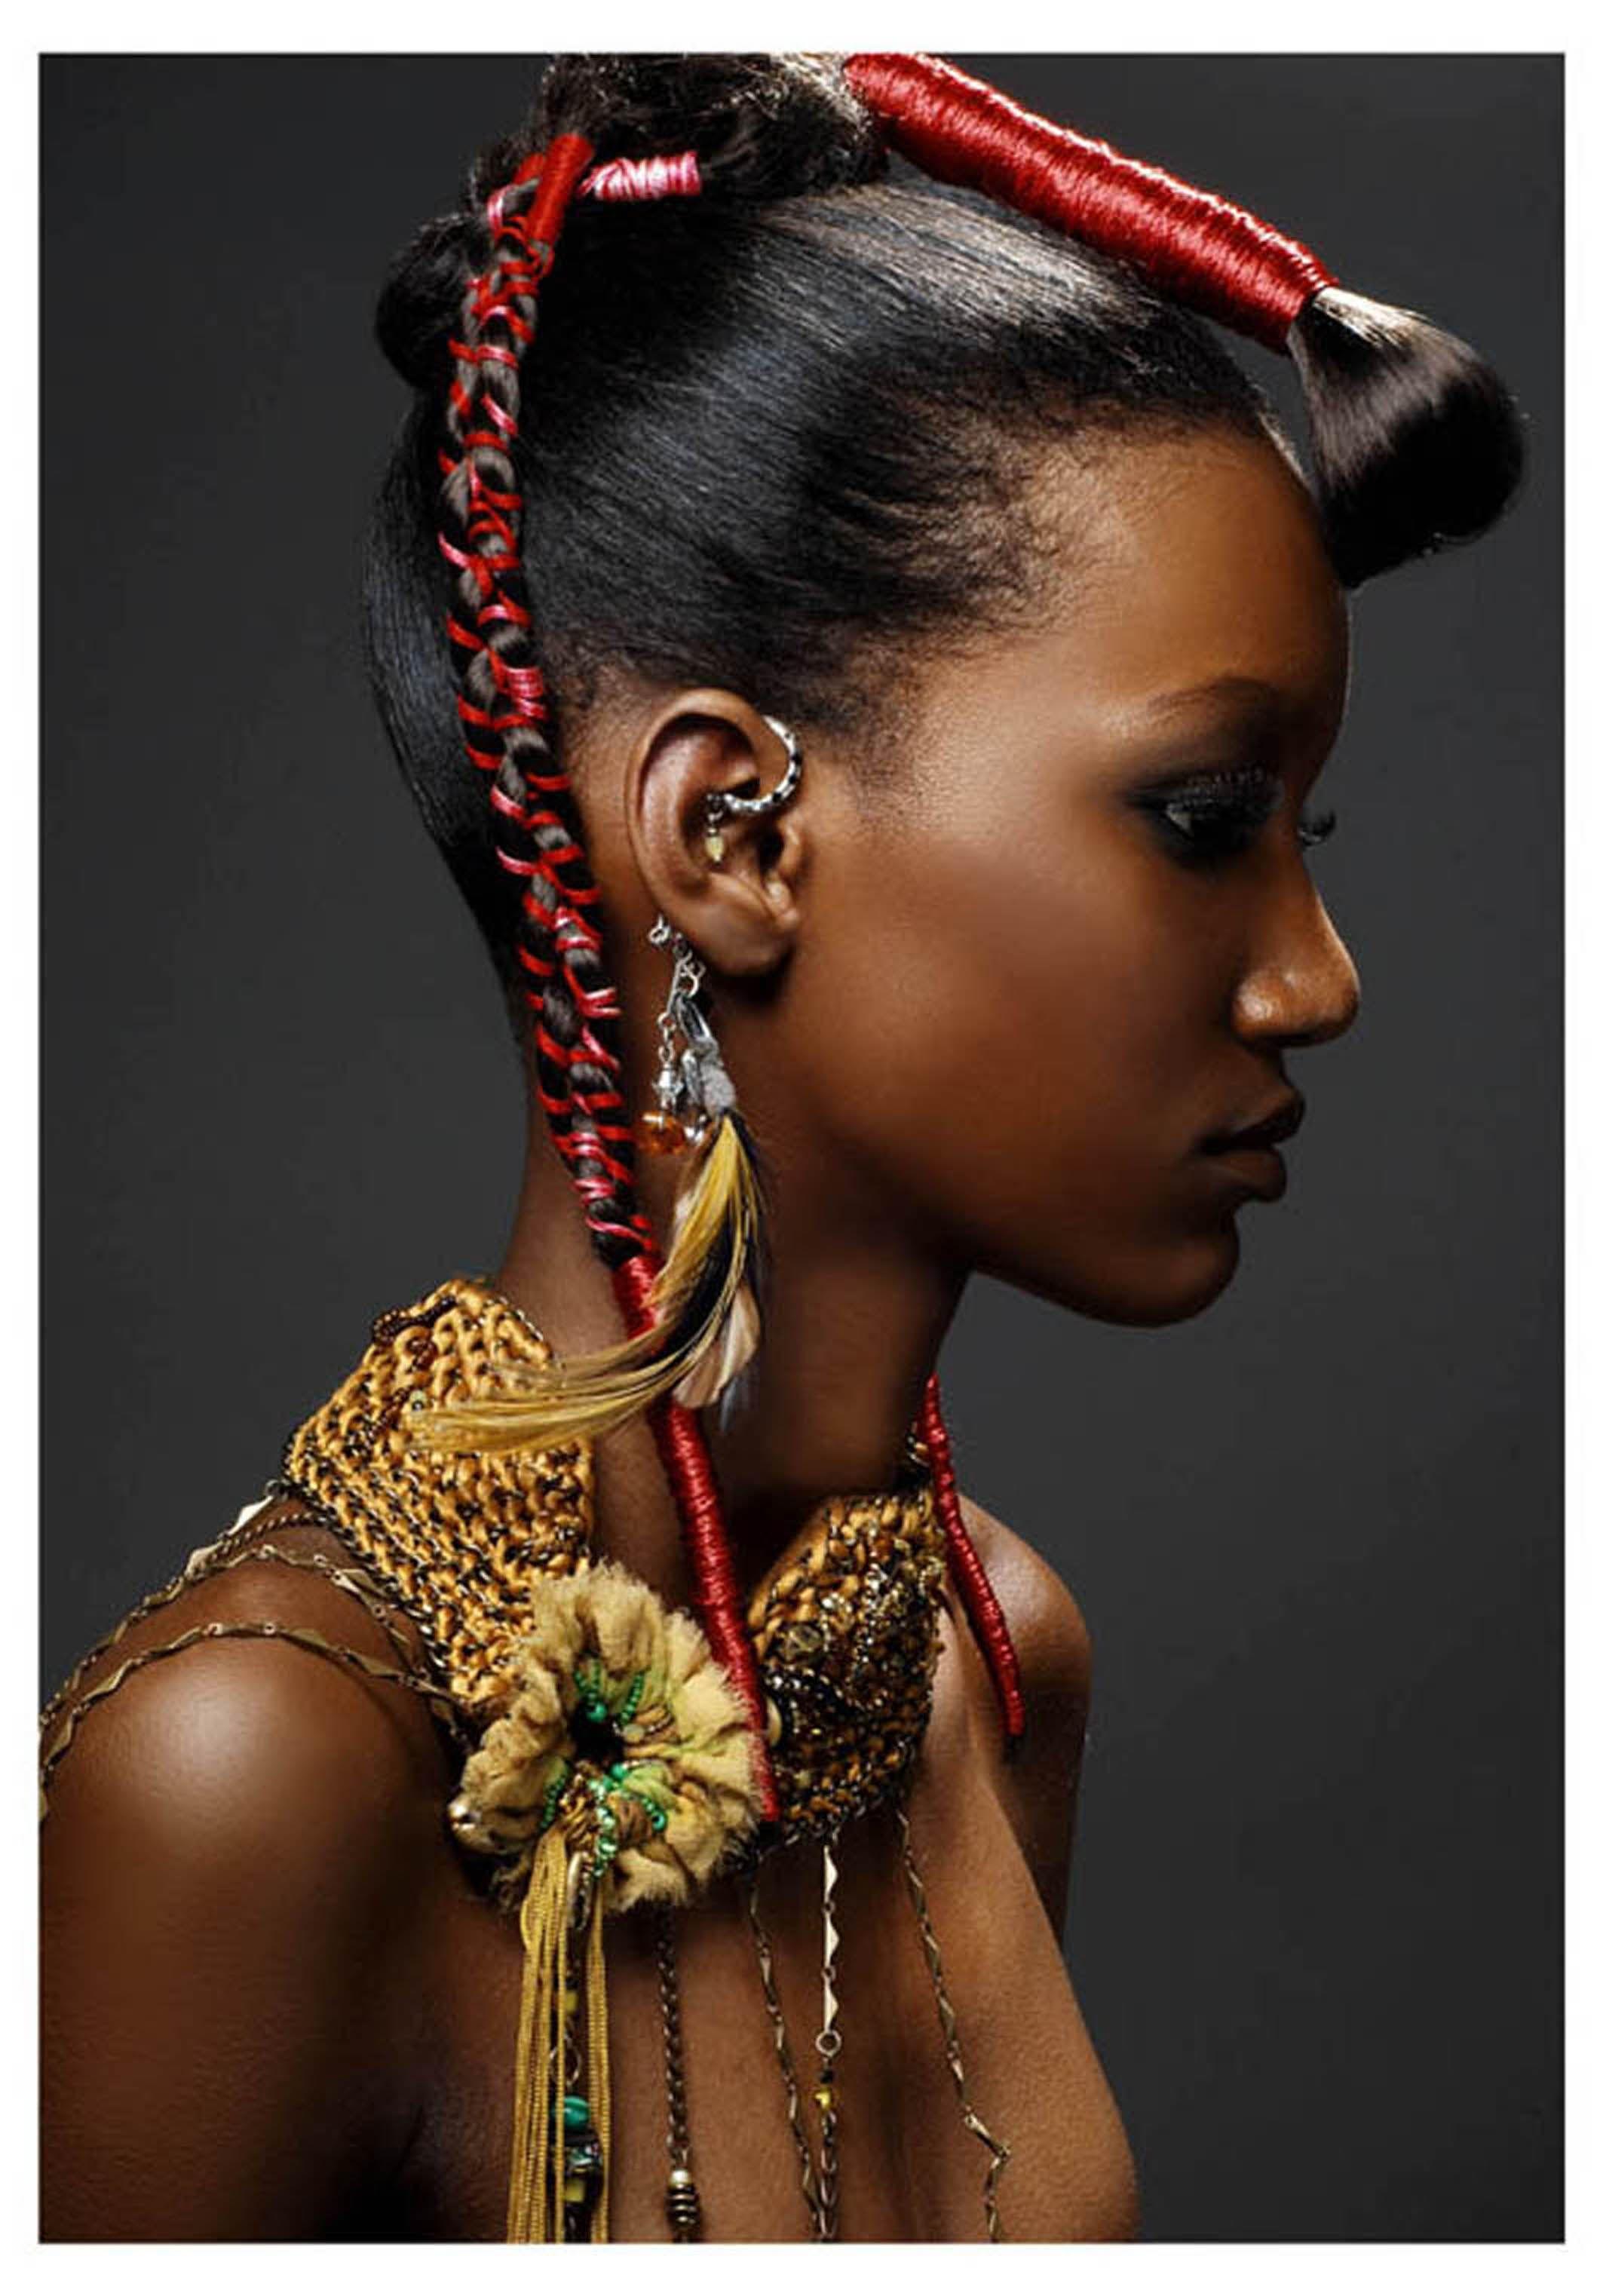 Vestidos Da Frica Noivas M Es Madrinhas E Convidadas African Fashion Africans And Africa